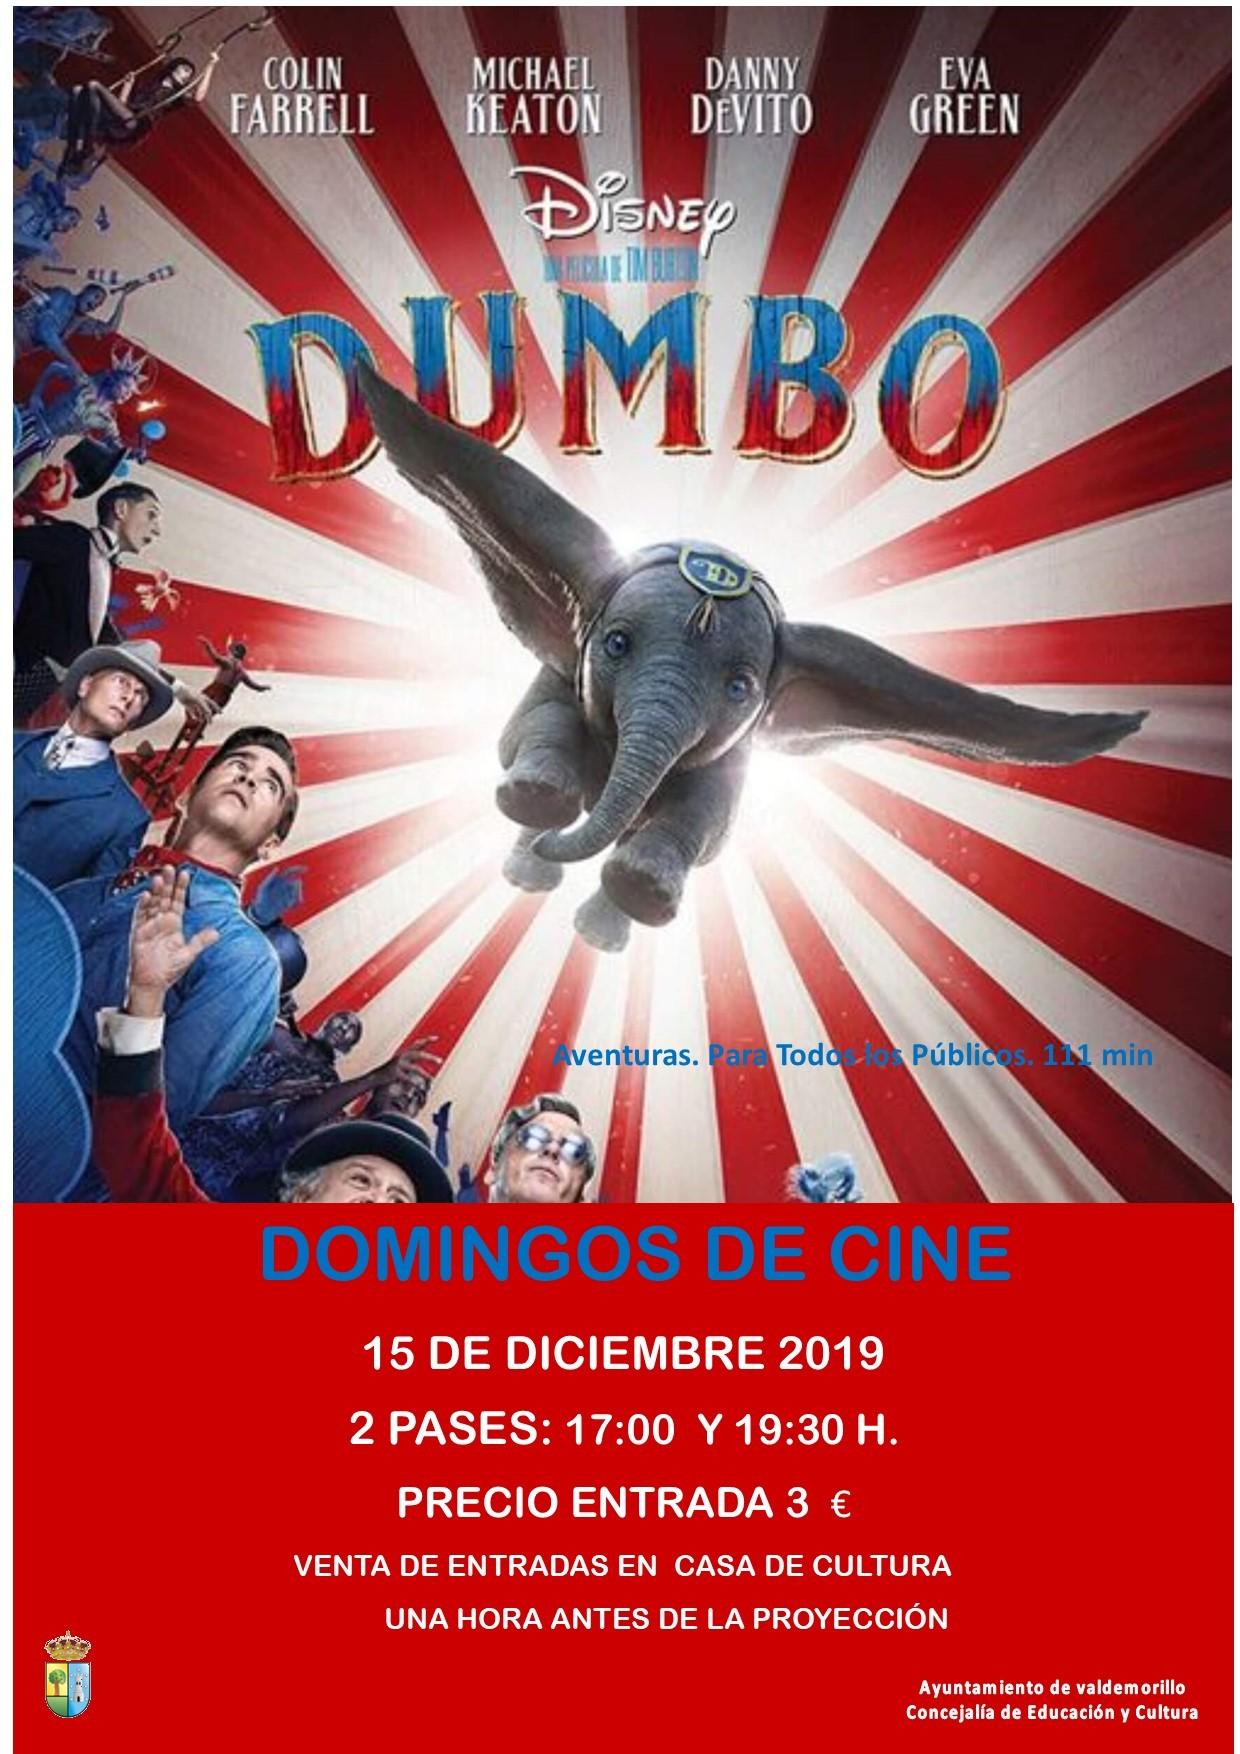 Domingos de cine familiar en Valdemorillo, nueva propuesta de la Concejalía de Educación y Cultura